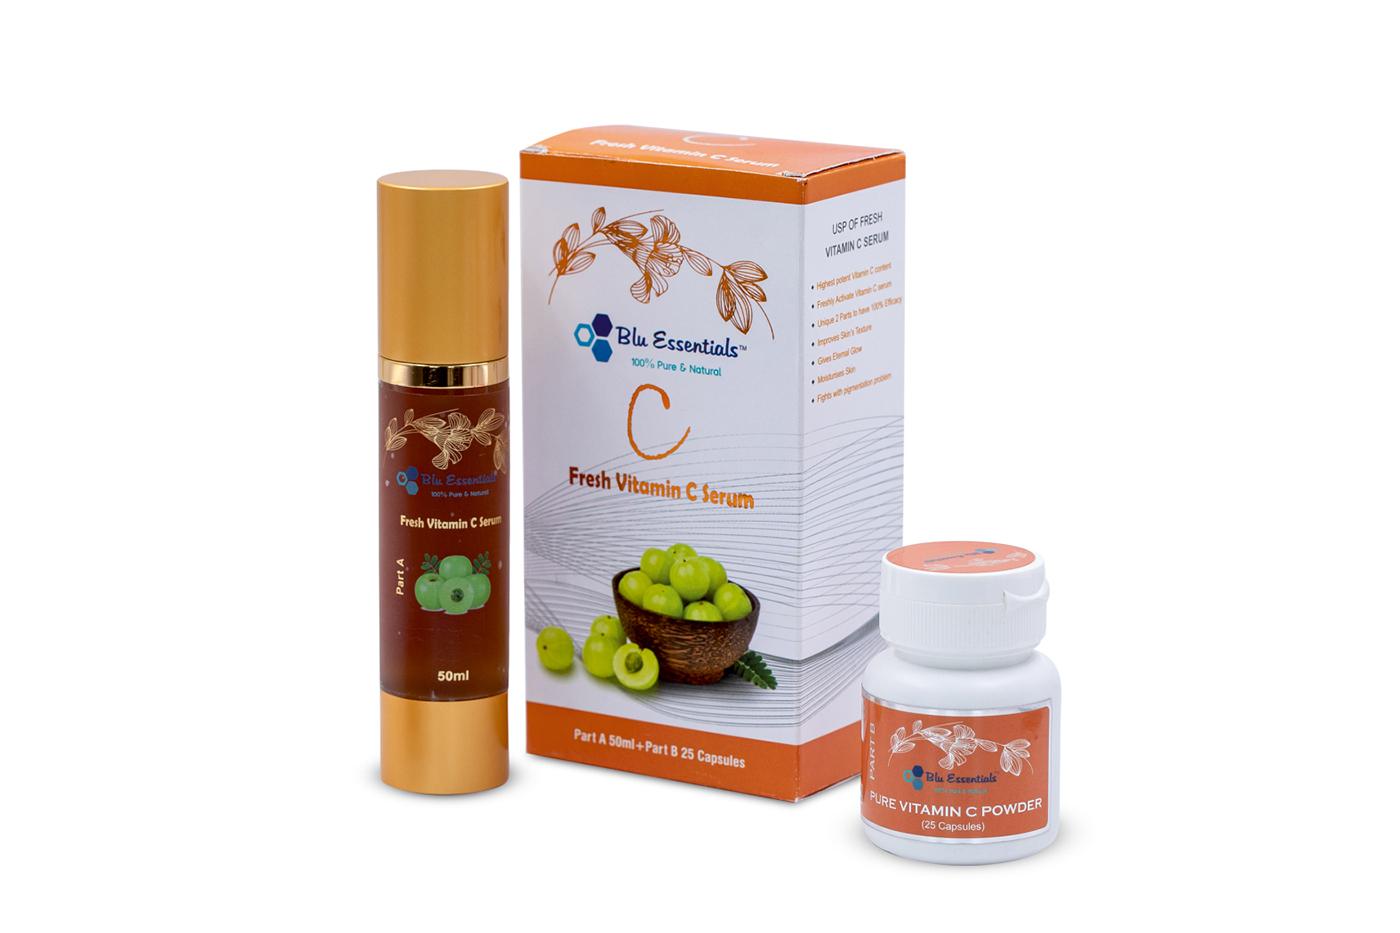 Blu Essentials serum for refreshing skin